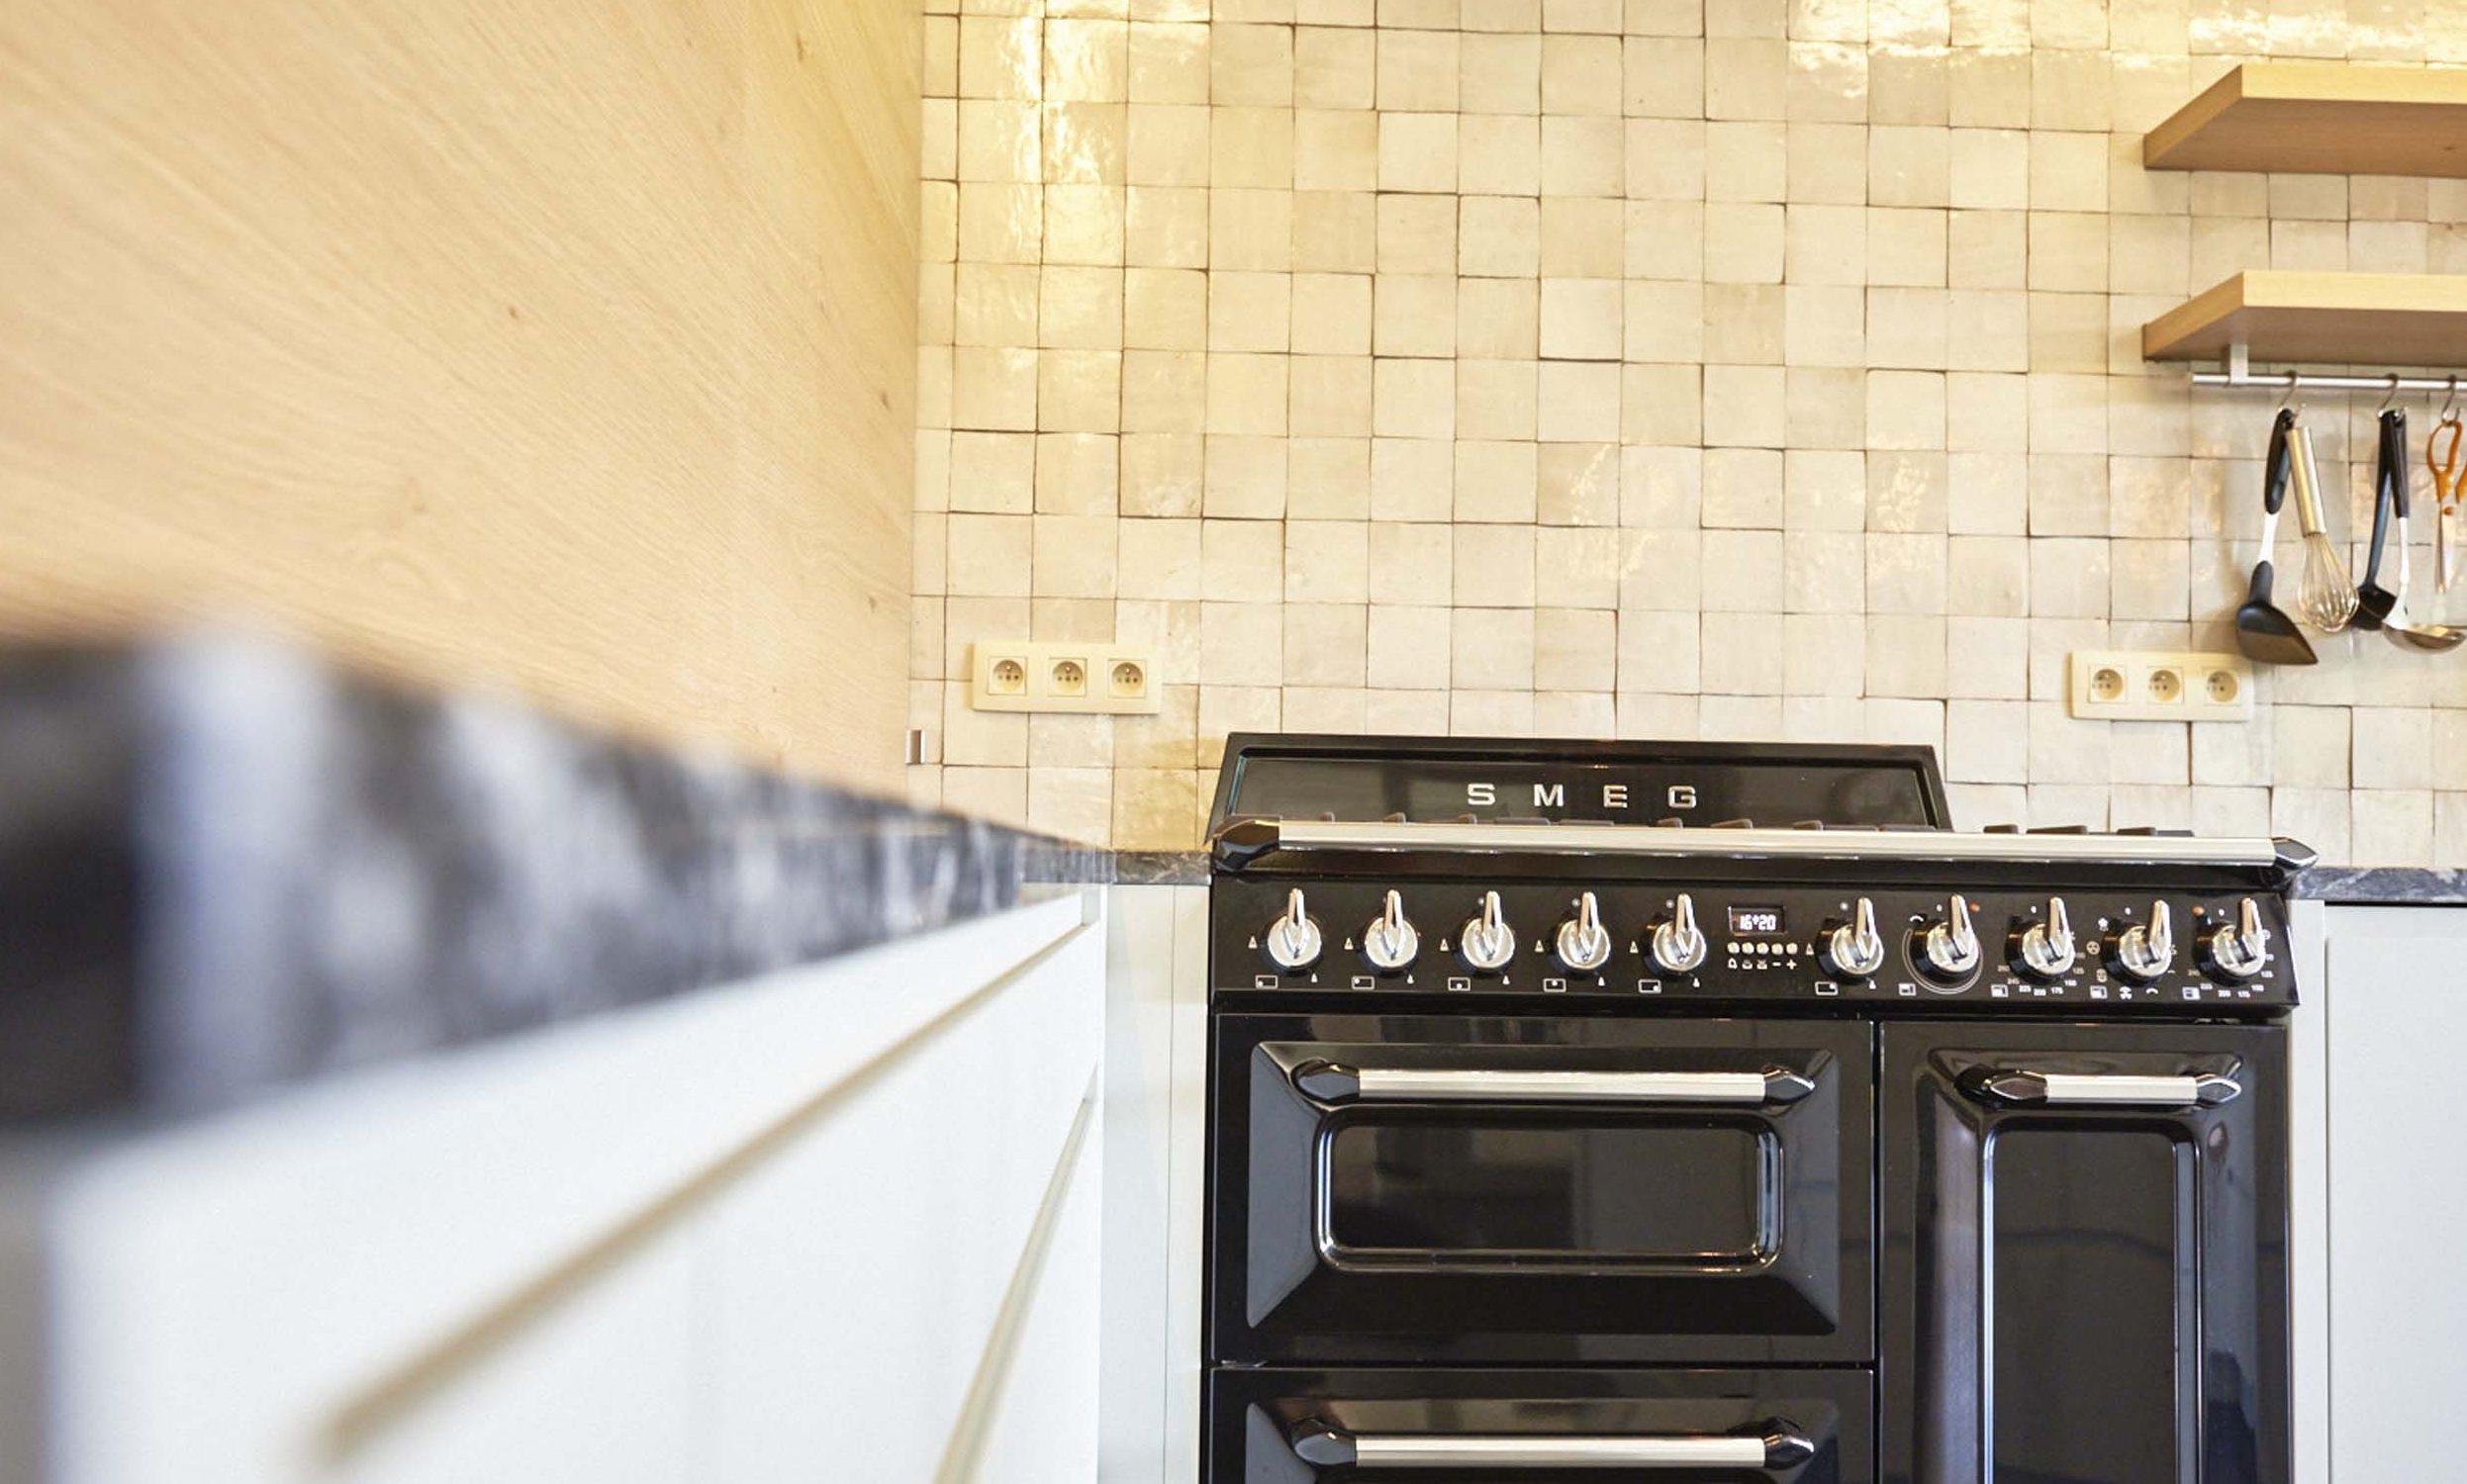 Vanda-projects-interieurinrichting-meubelmakerij-oost-vlaanderen-dumoulin-keuken-op-maat